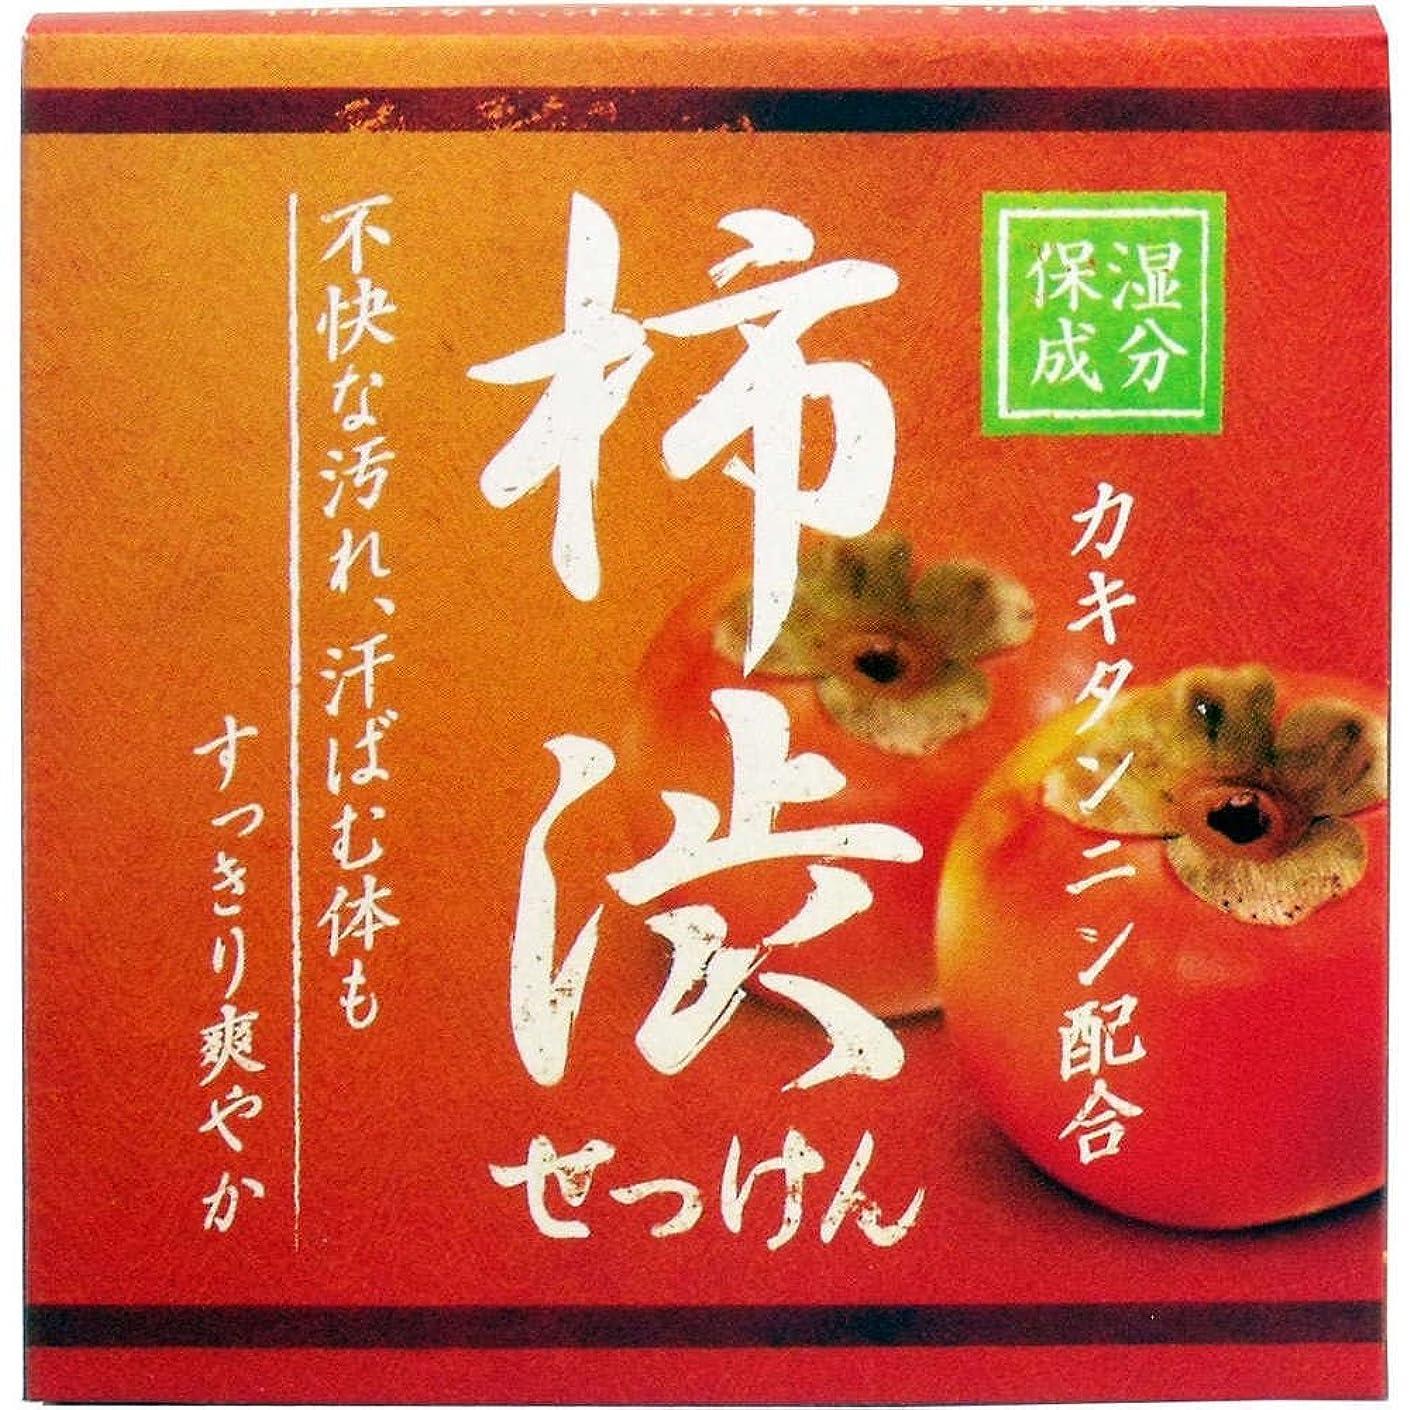 延ばす限界不誠実クロバーコーポレーション 柿渋配合石けん HYA-SKA 80G